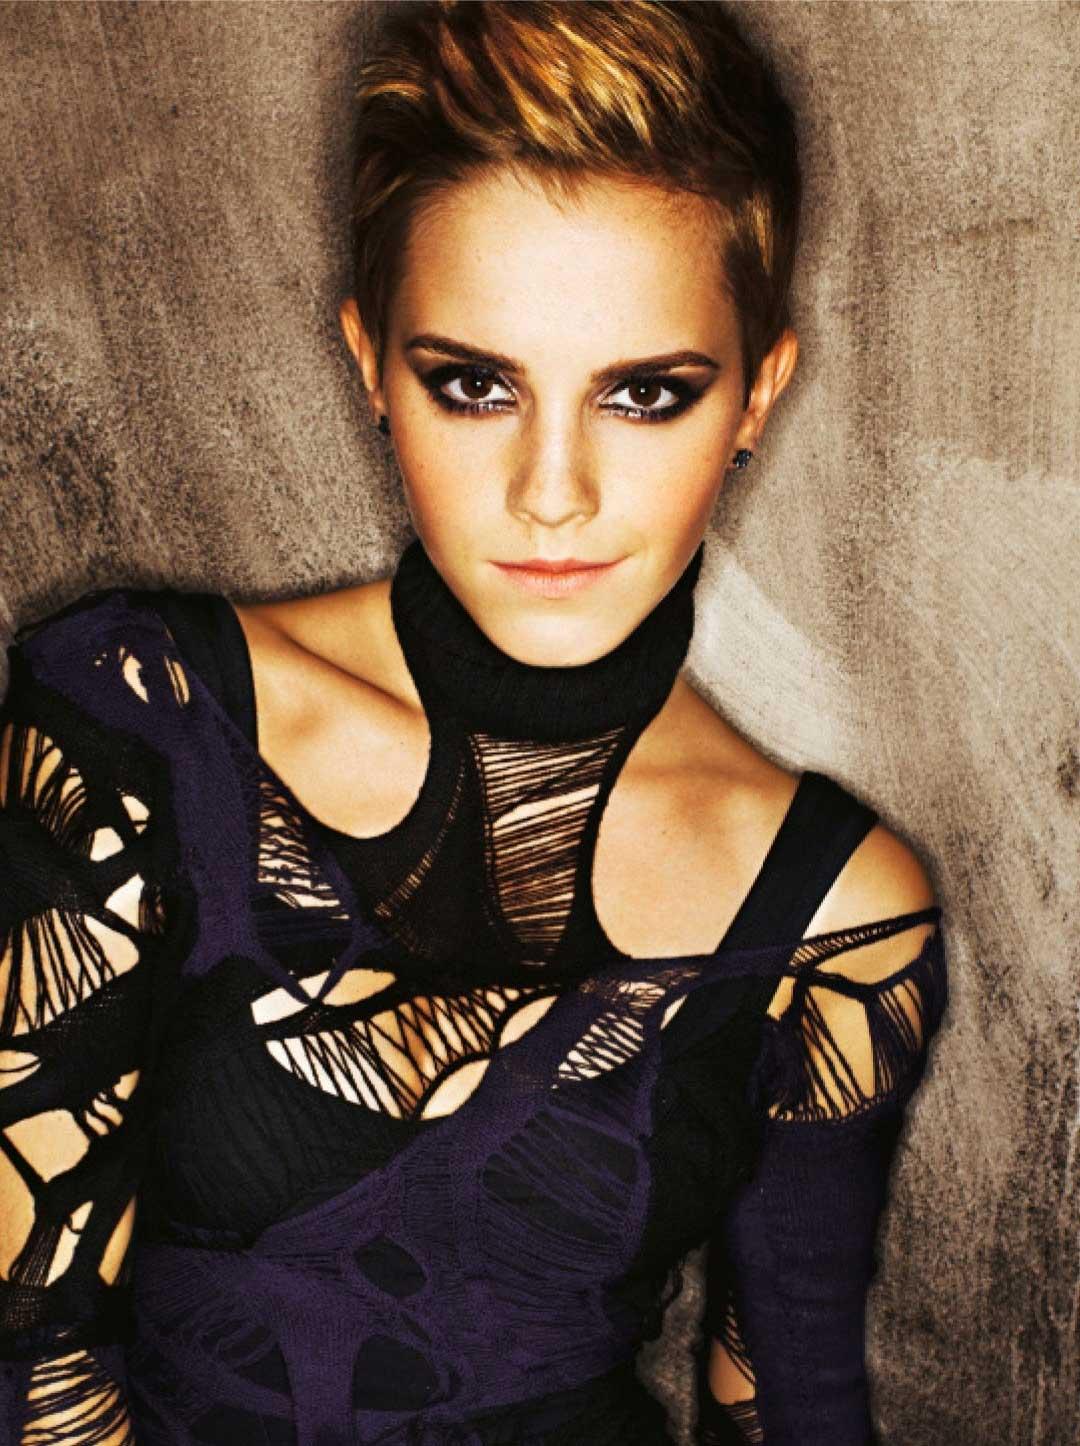 Emma Watson Hollywood Actress 40 Fantastic Photos: Emma Watson Is Daring: Mariano Vivanco's Dramatic